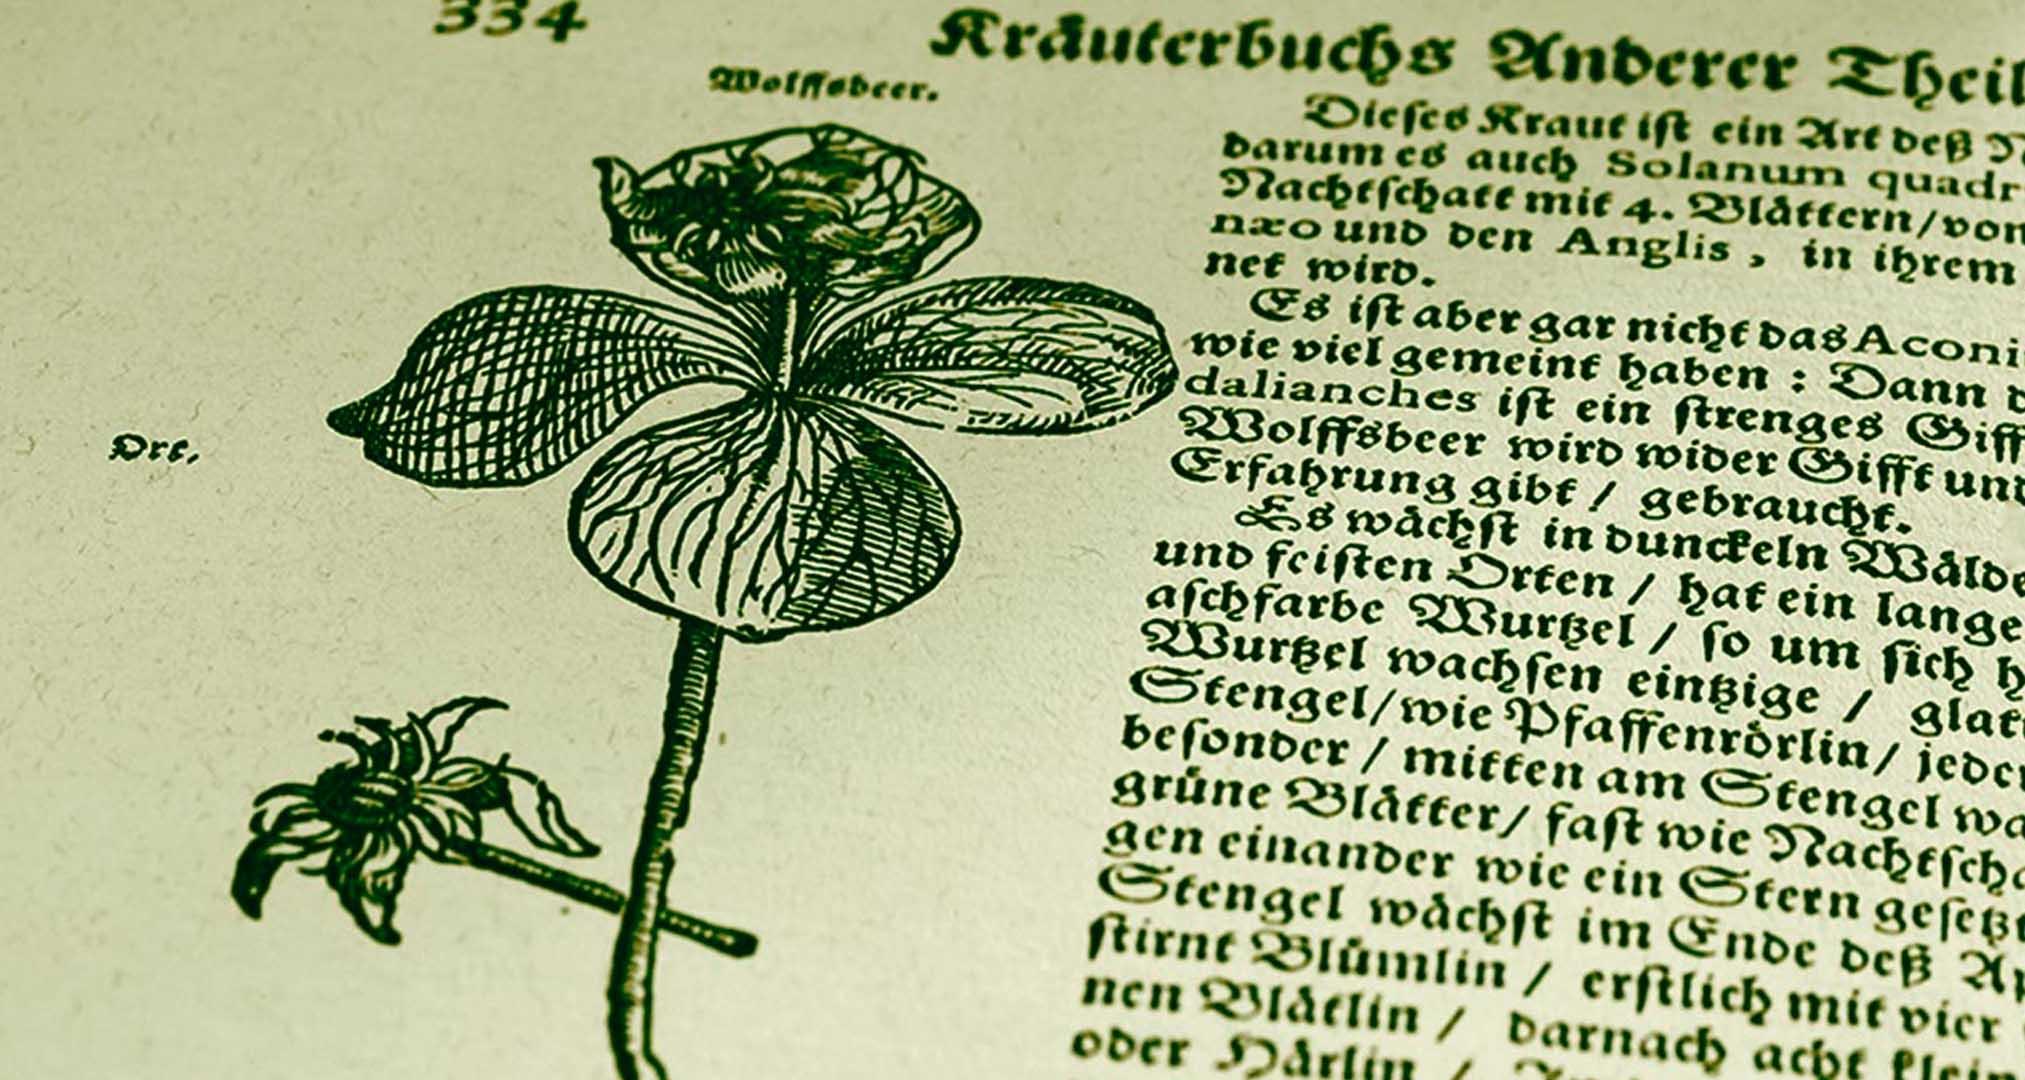 La receta de Jägermeister es un secreto desde su creación